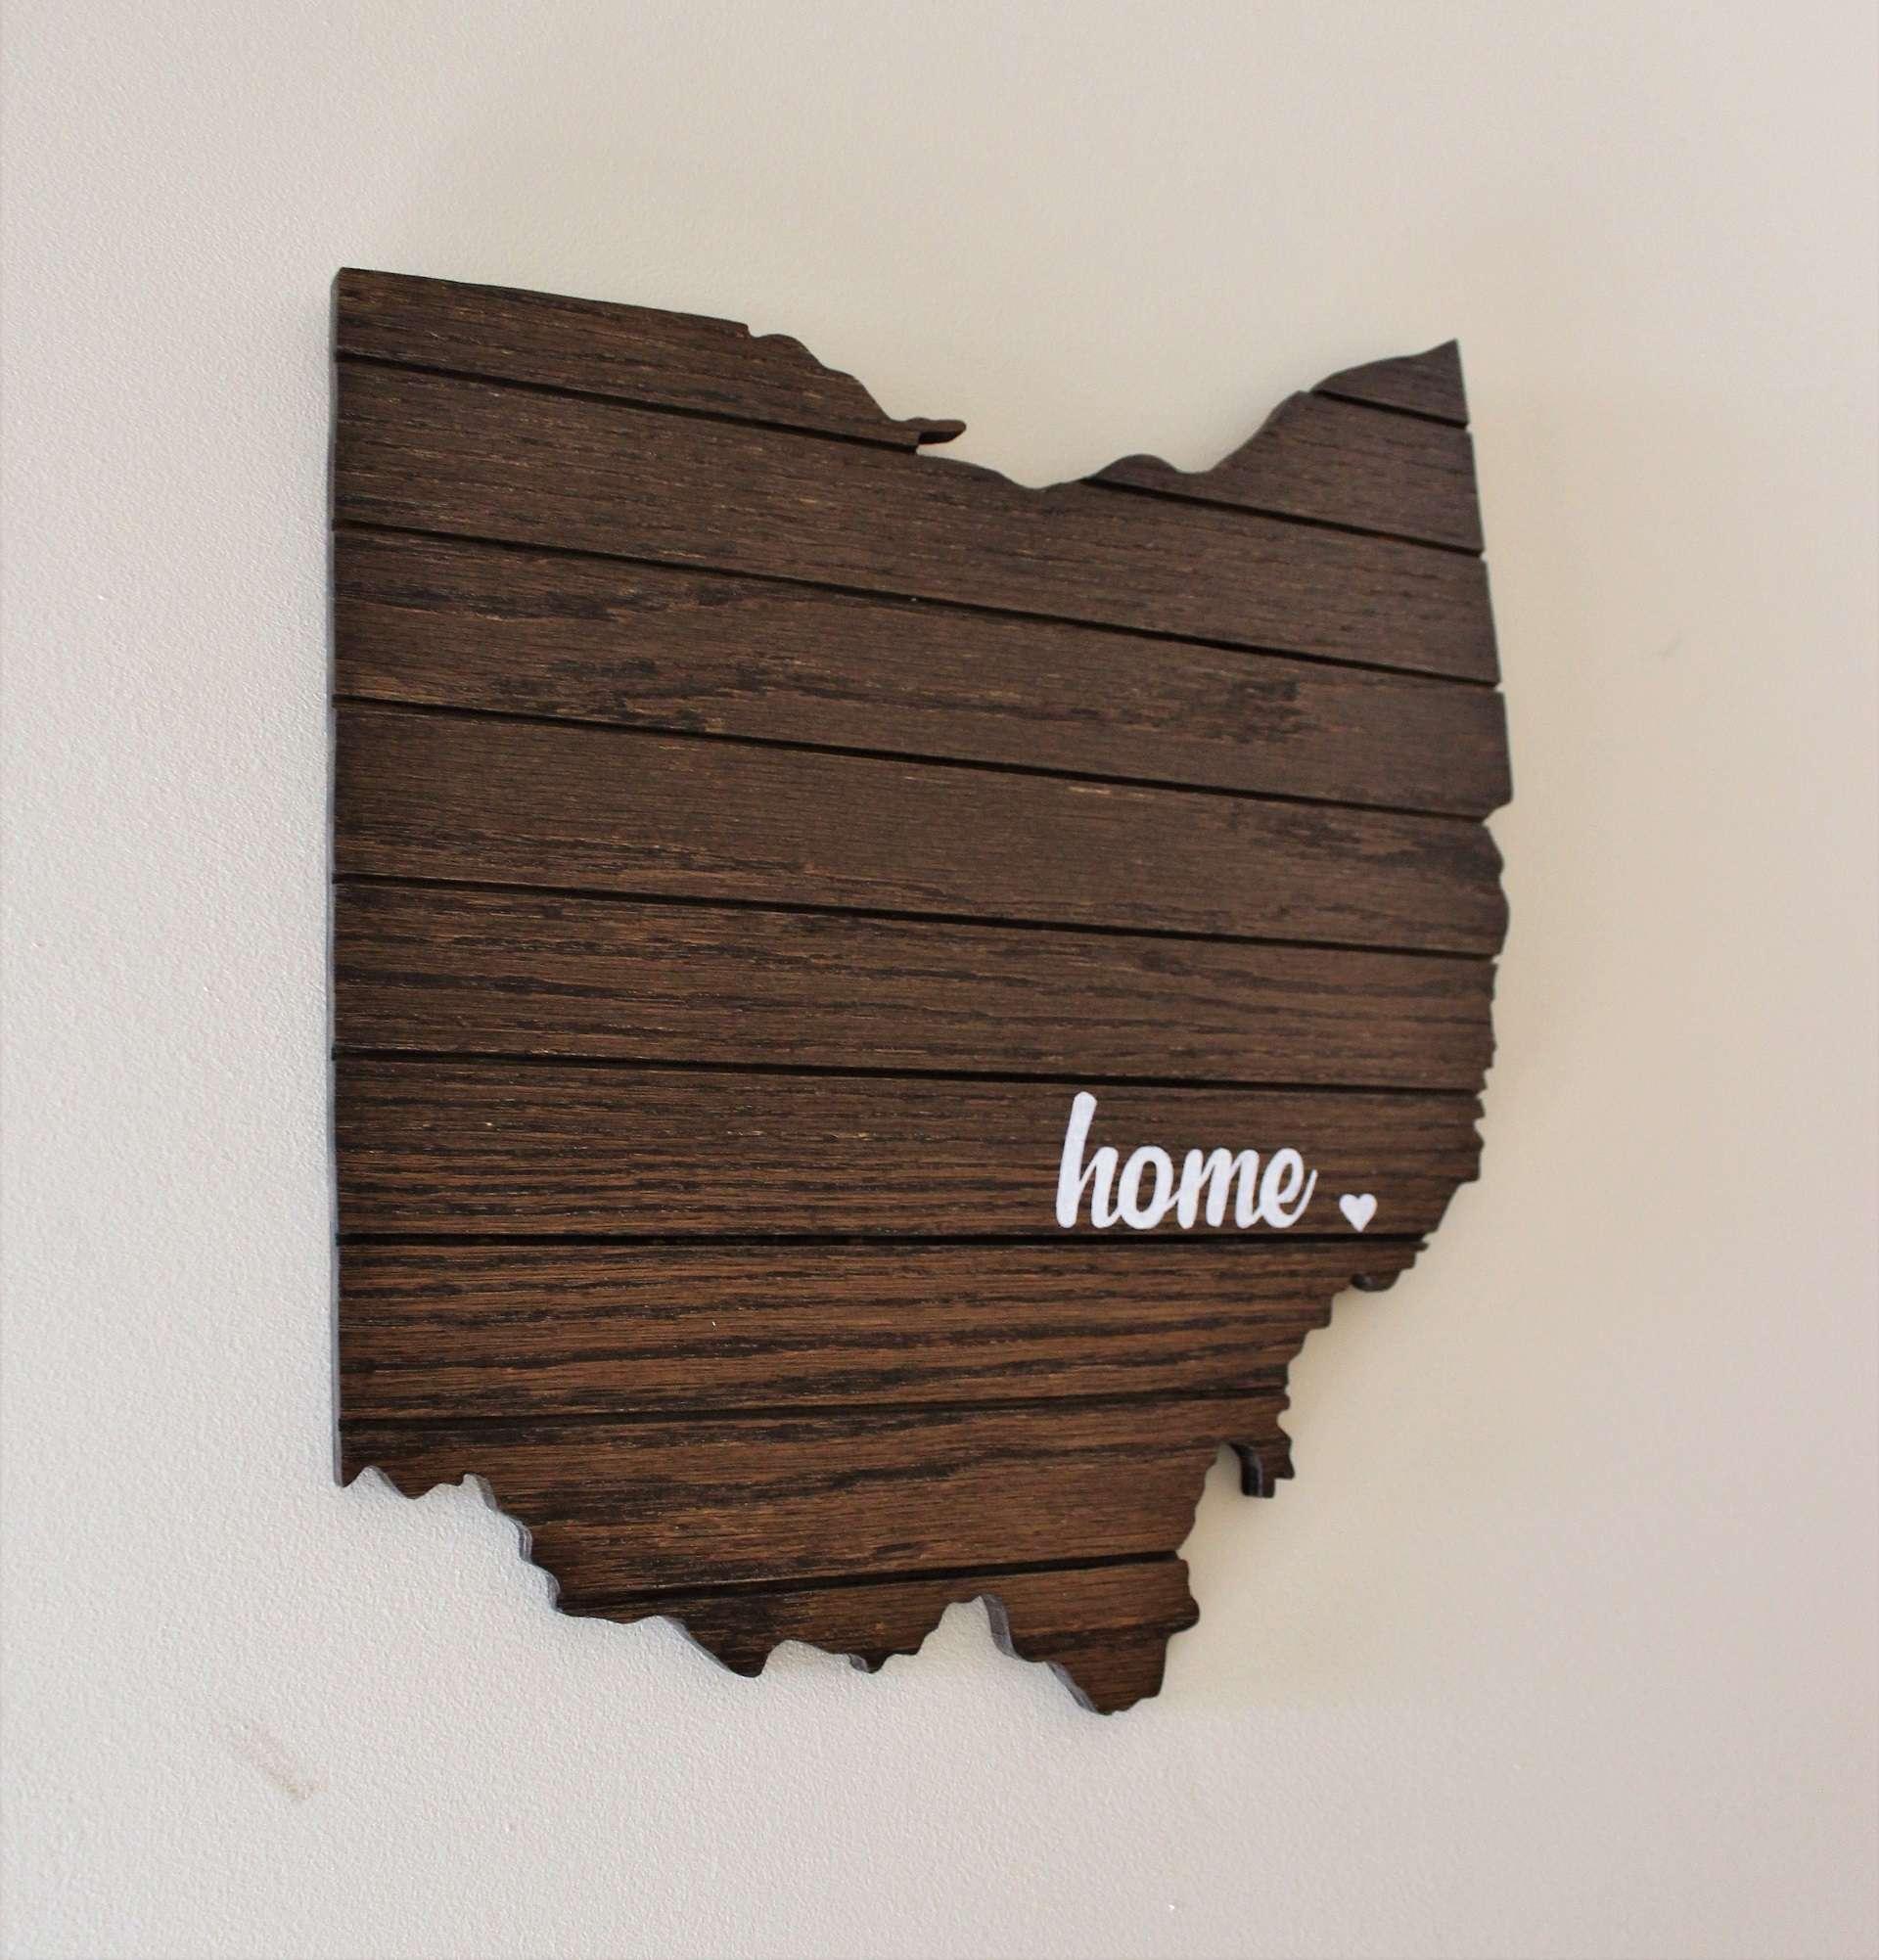 Image of Ohio Home Cutout